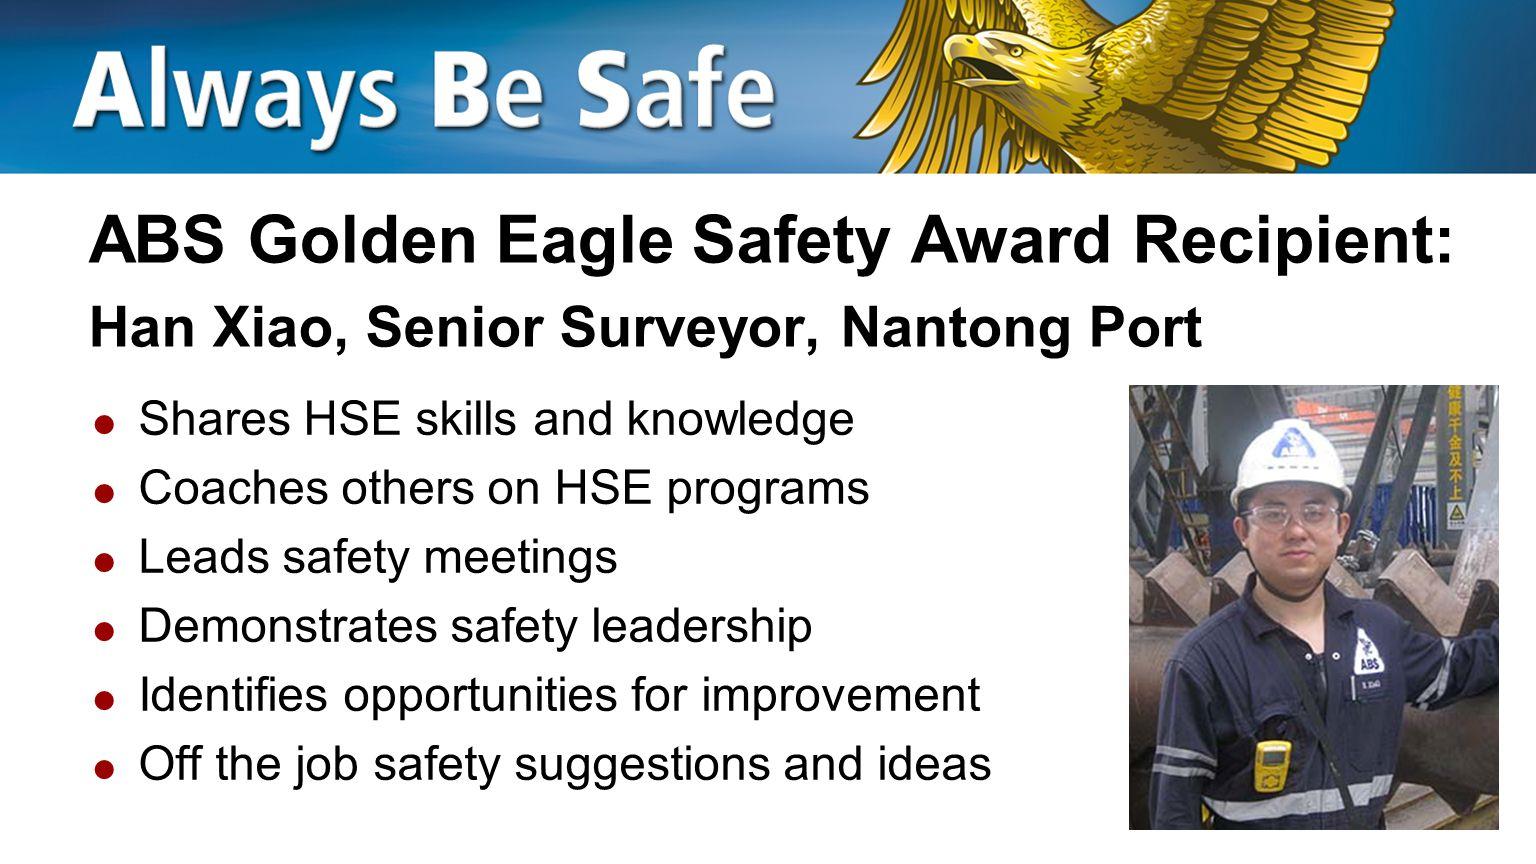 ABS Golden Eagle Safety Award Recipient: Han Xiao, Senior Surveyor, Nantong Port